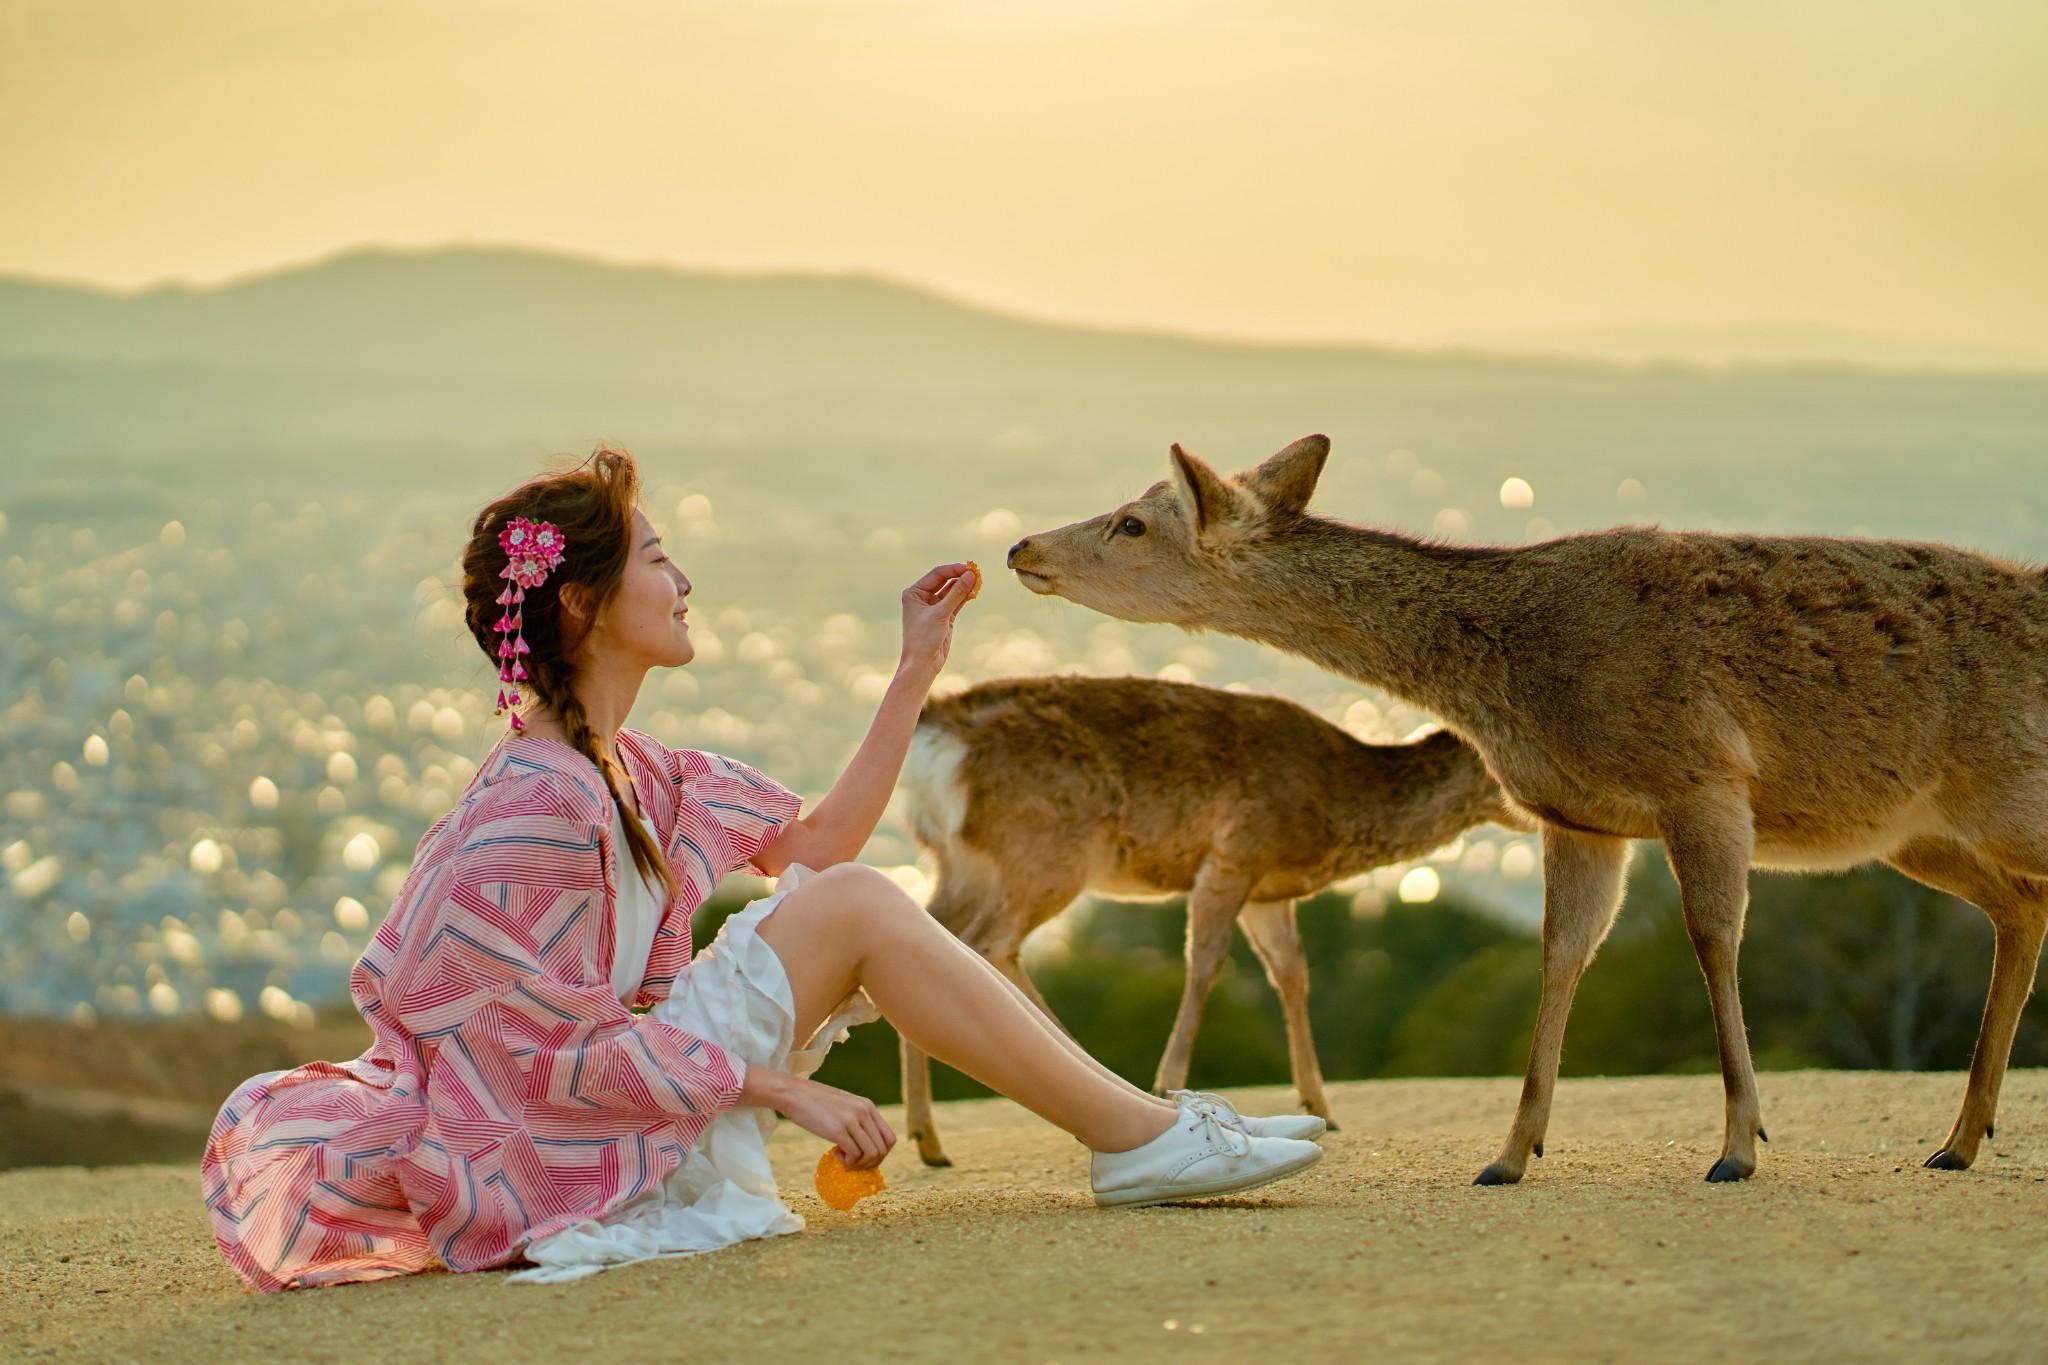 ·等到阴霾散去,我们一起去赴这场樱花盛宴吧!(京都&和歌山赏樱超详细攻略)_游记